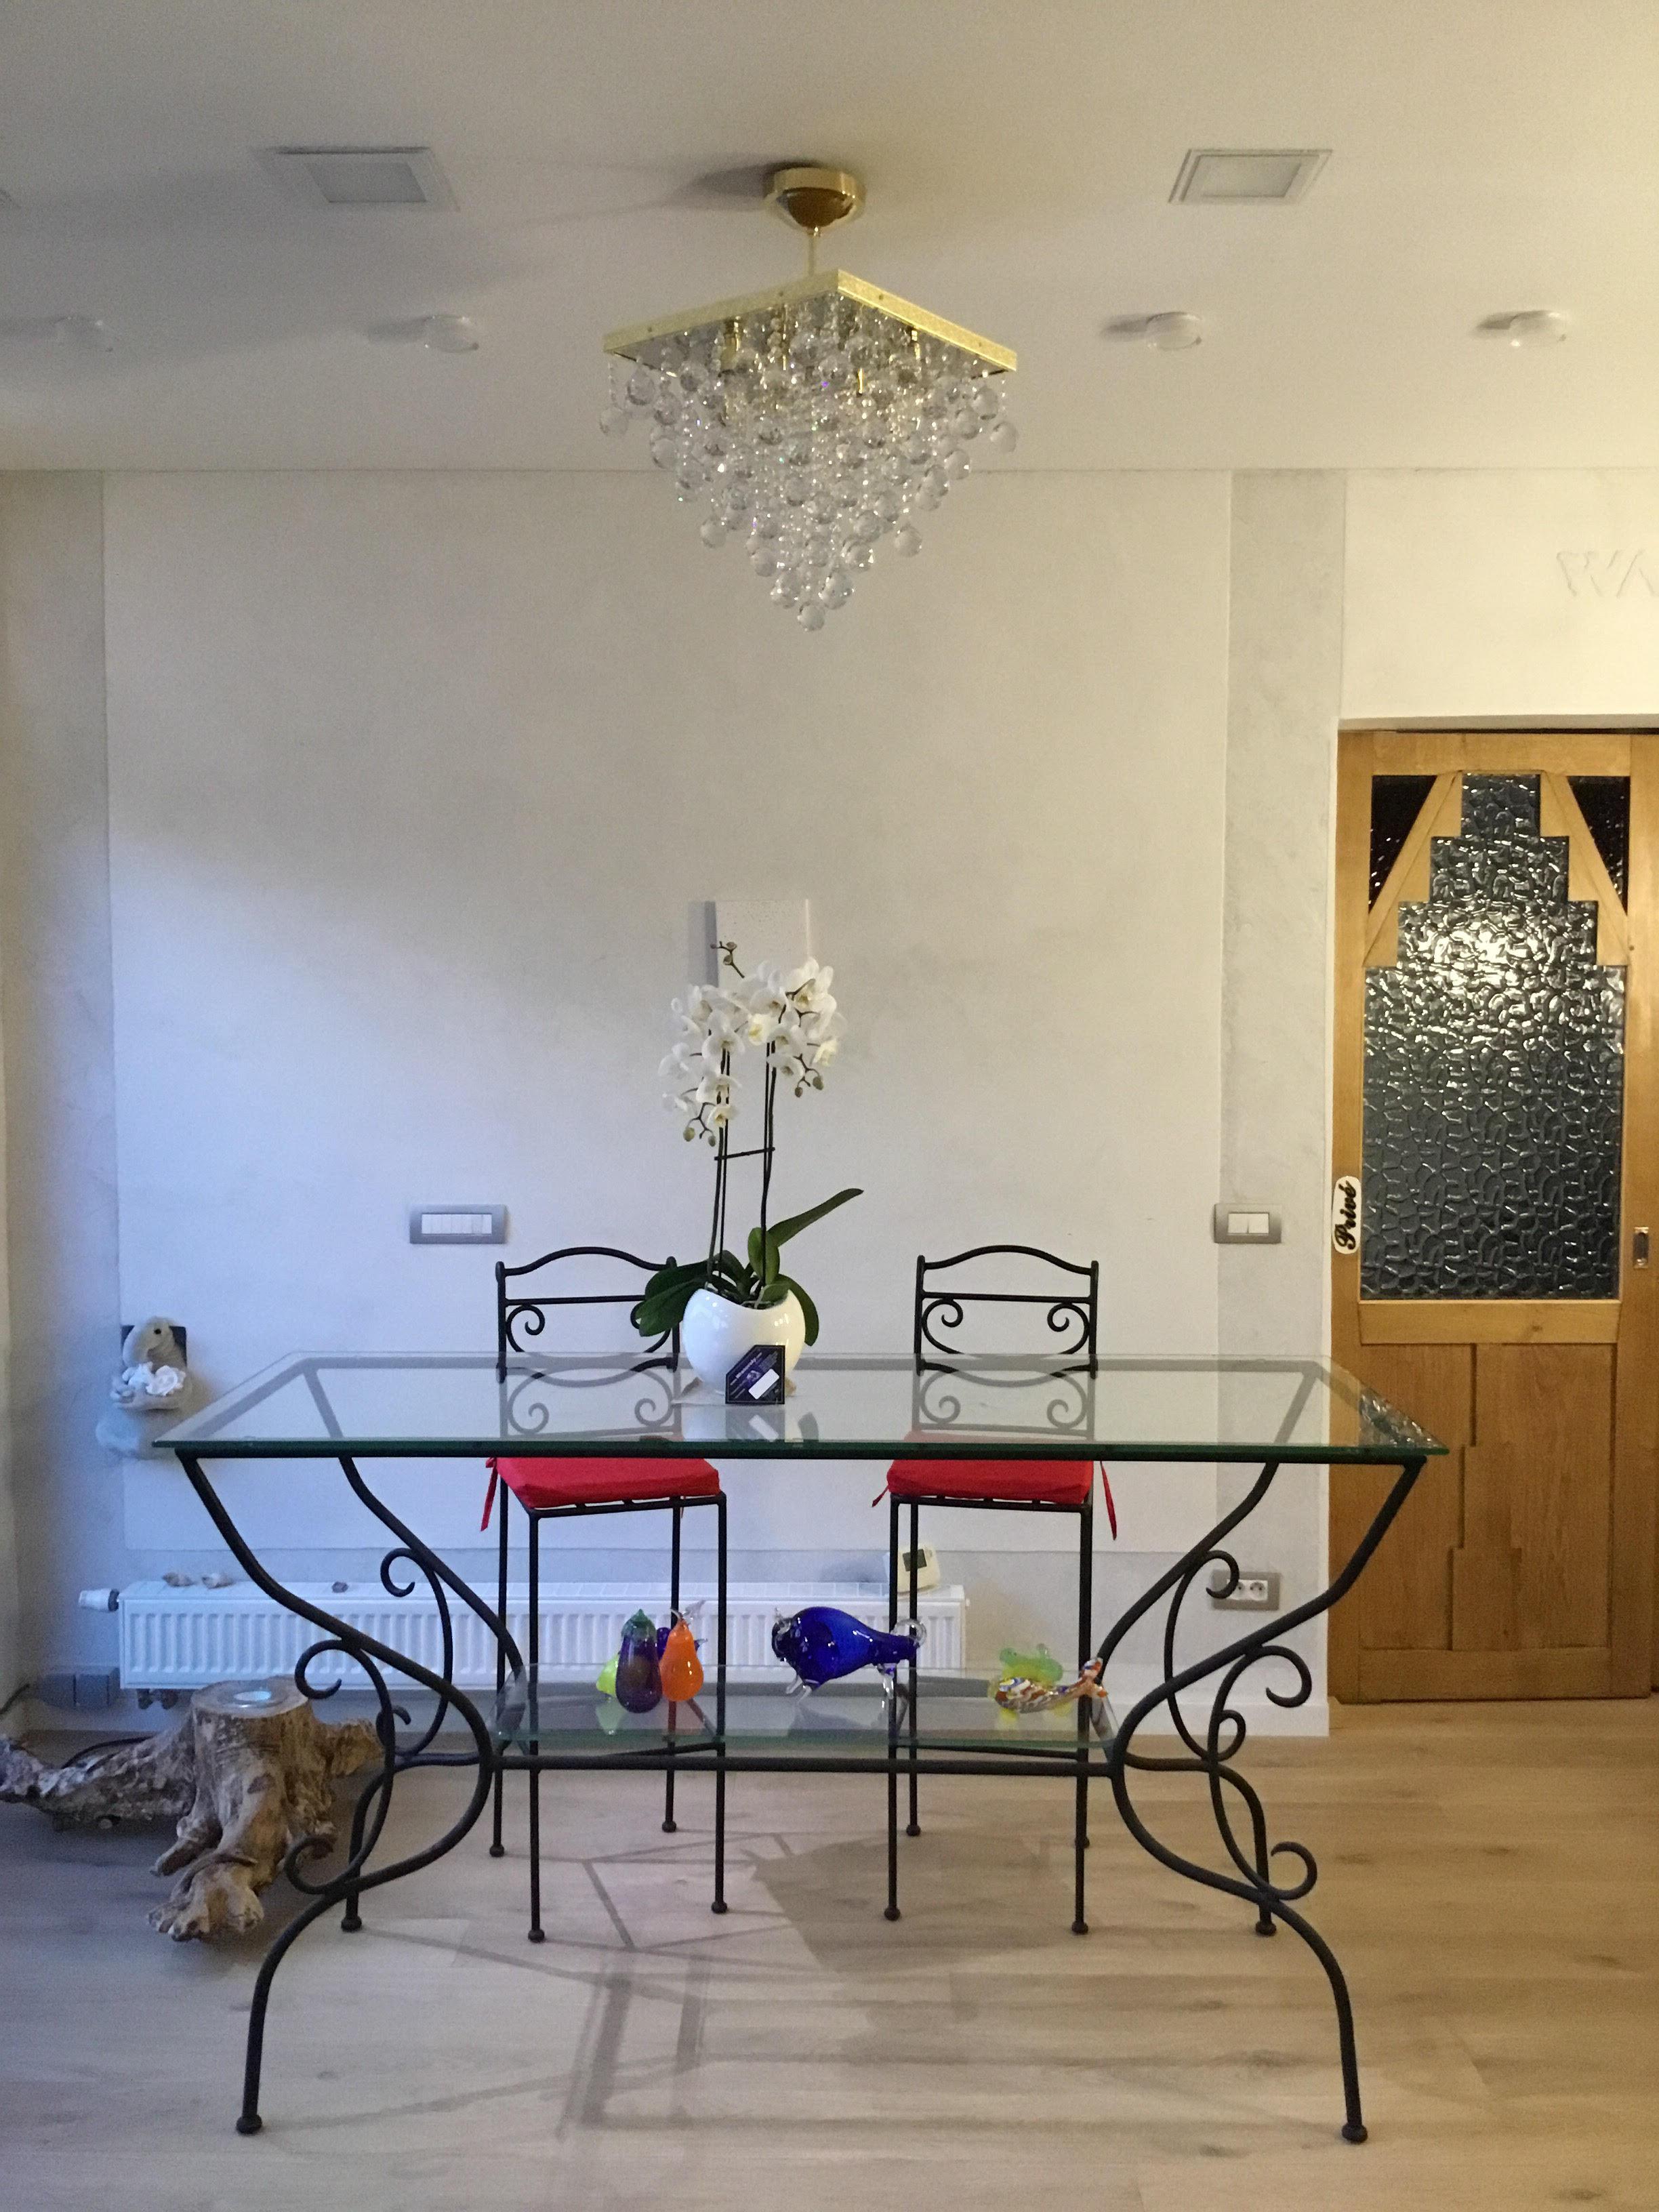 JWZ 025, Kolekce Lausanne v interiéru, 2018.jpg